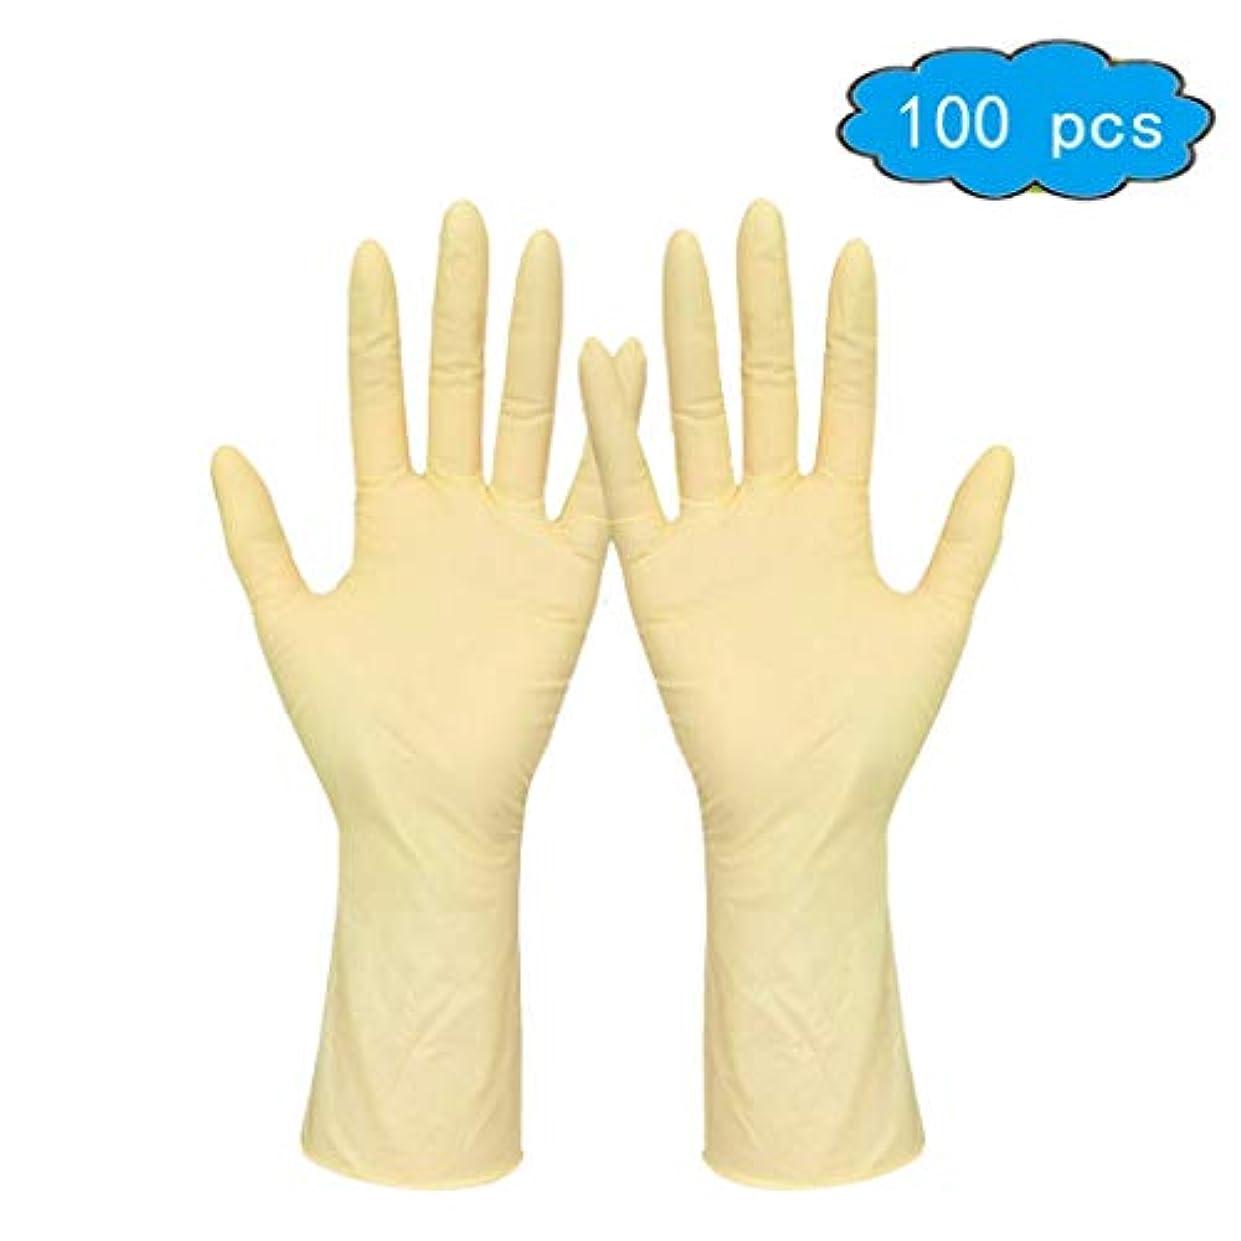 自動化妊娠した年精製チェックラテックス手袋 - パウダーフリー、100の非滅菌、大、ボックス (Color : Beige, Size : S)